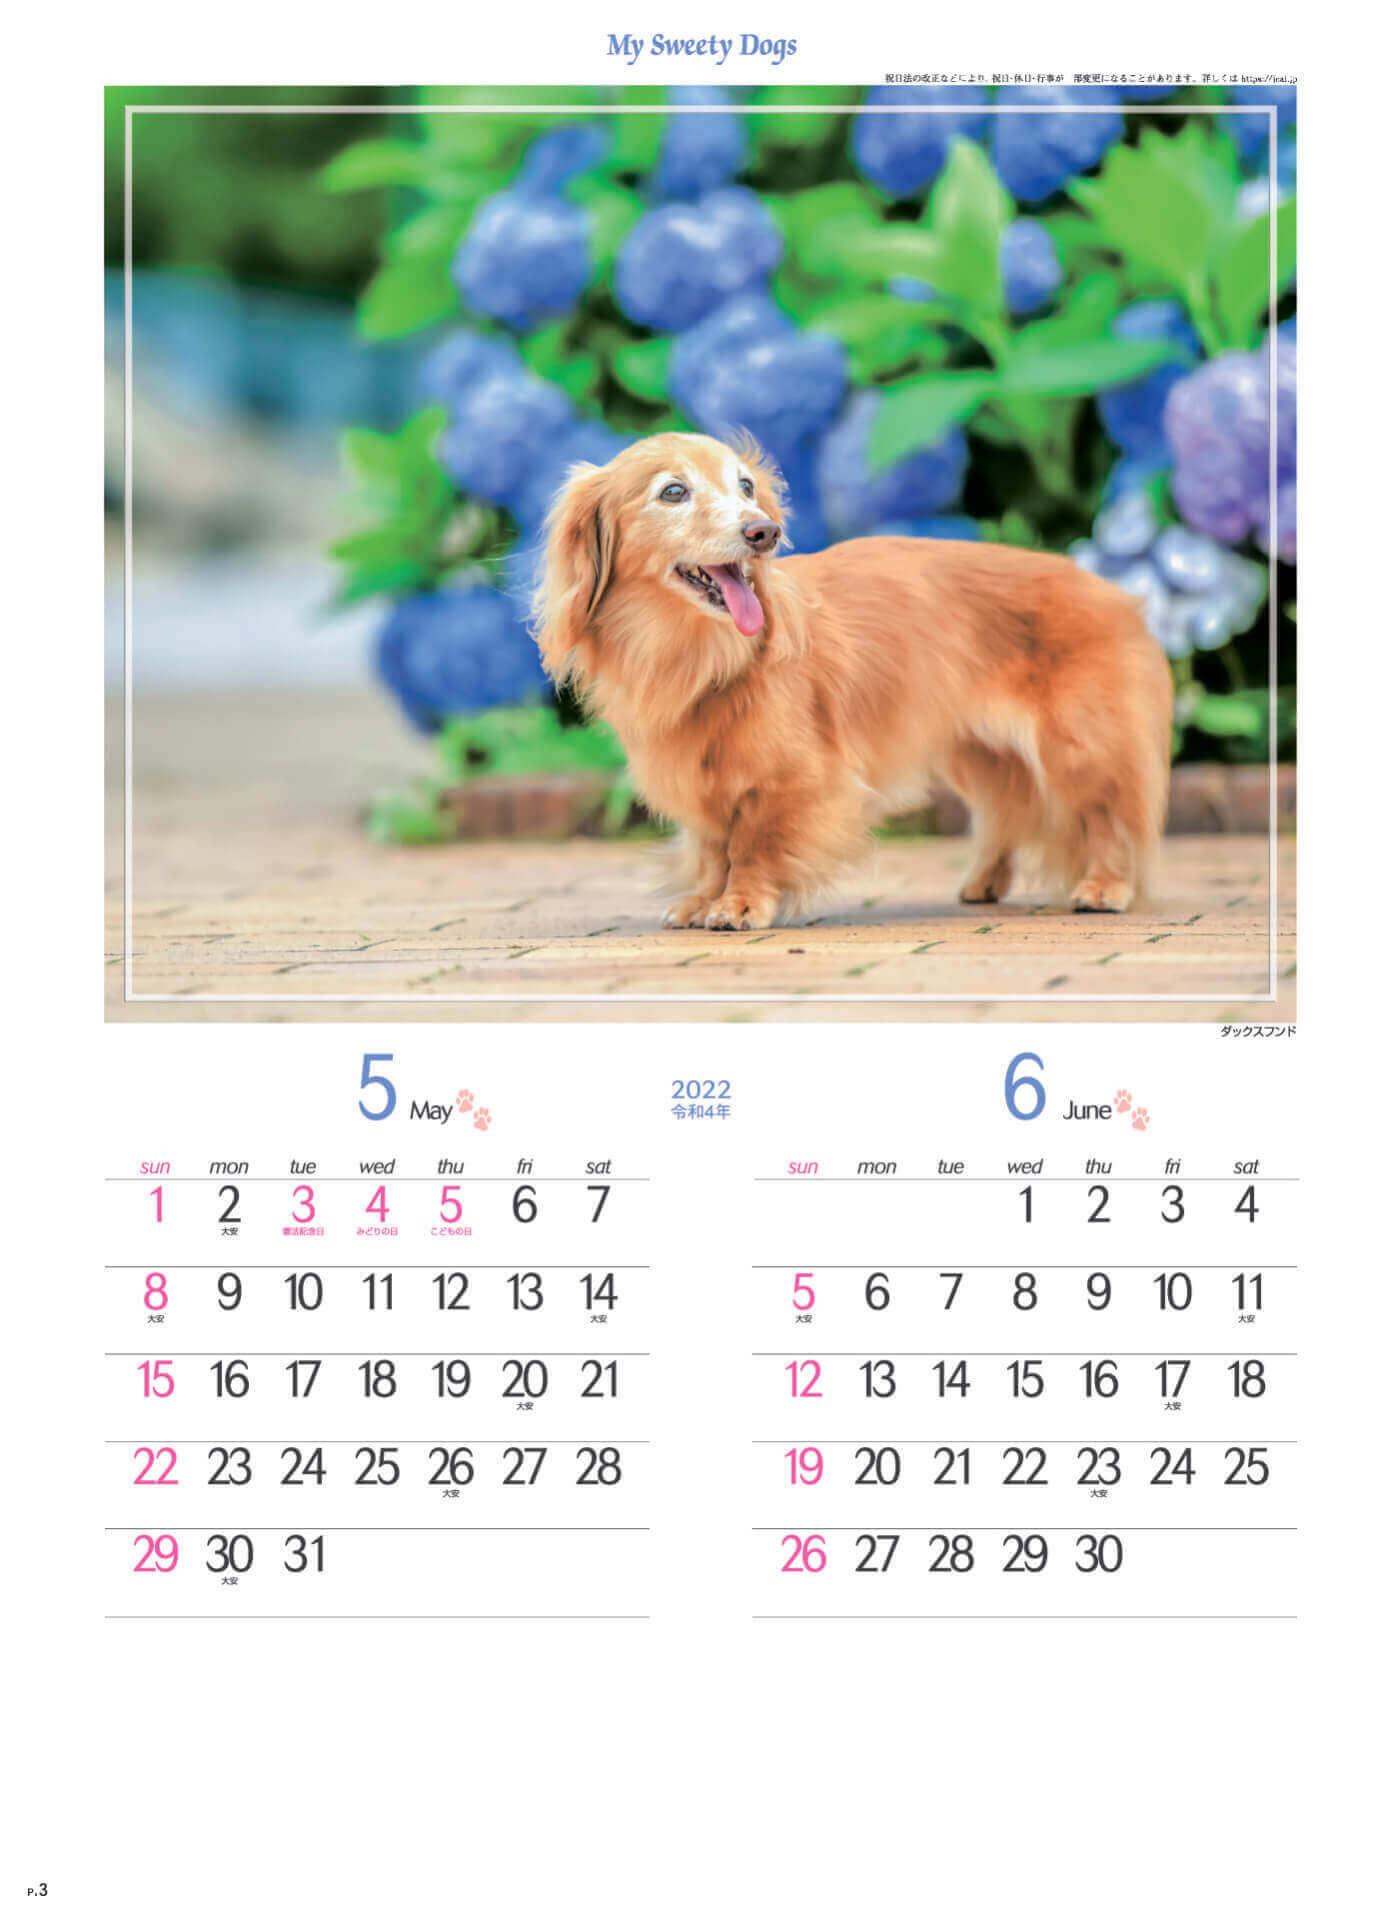 5-6月 ダックスフンド マイスウィーティードッグ 2022年カレンダーの画像